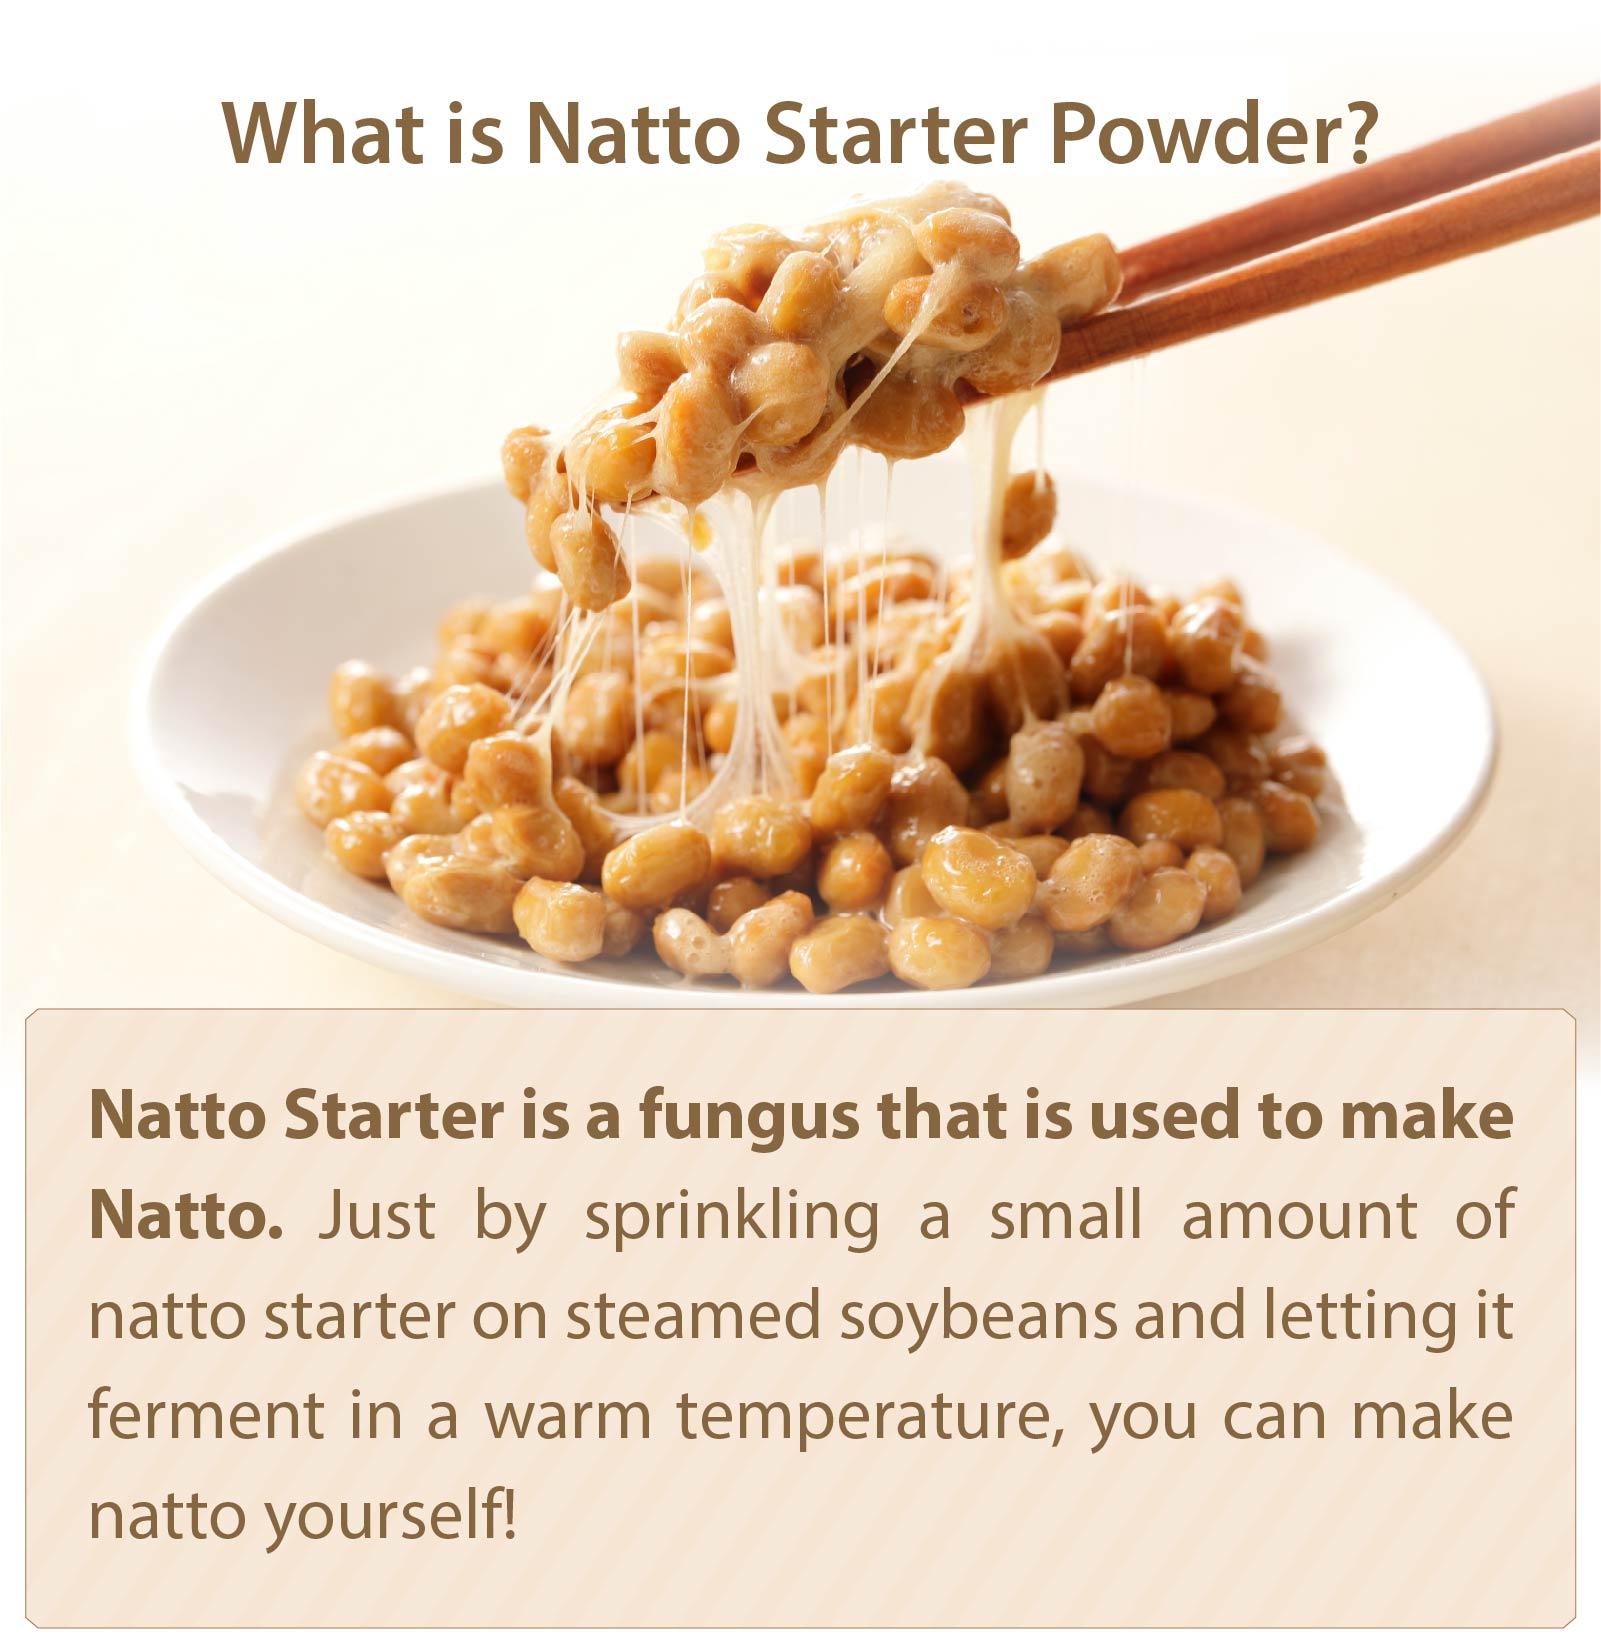 What Is Natto Starter Powder?